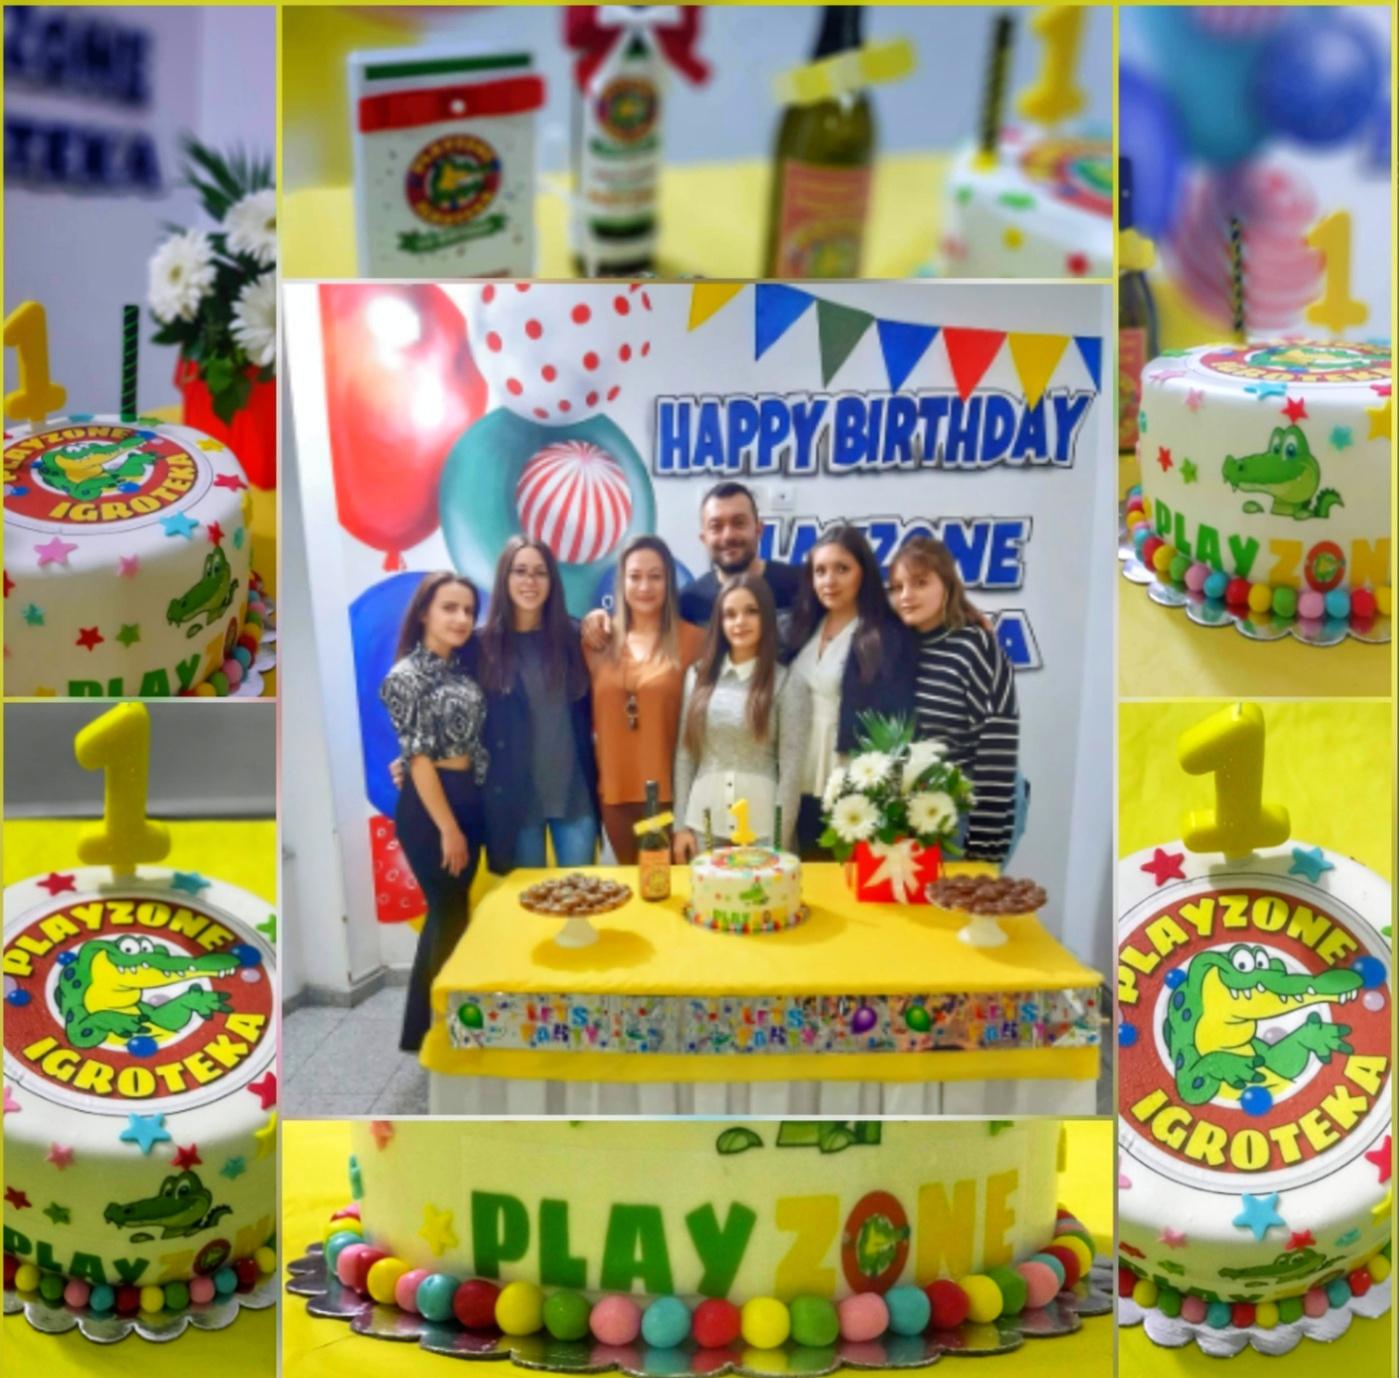 Игротеката Playzone денес го прослави нивниот прв роденден